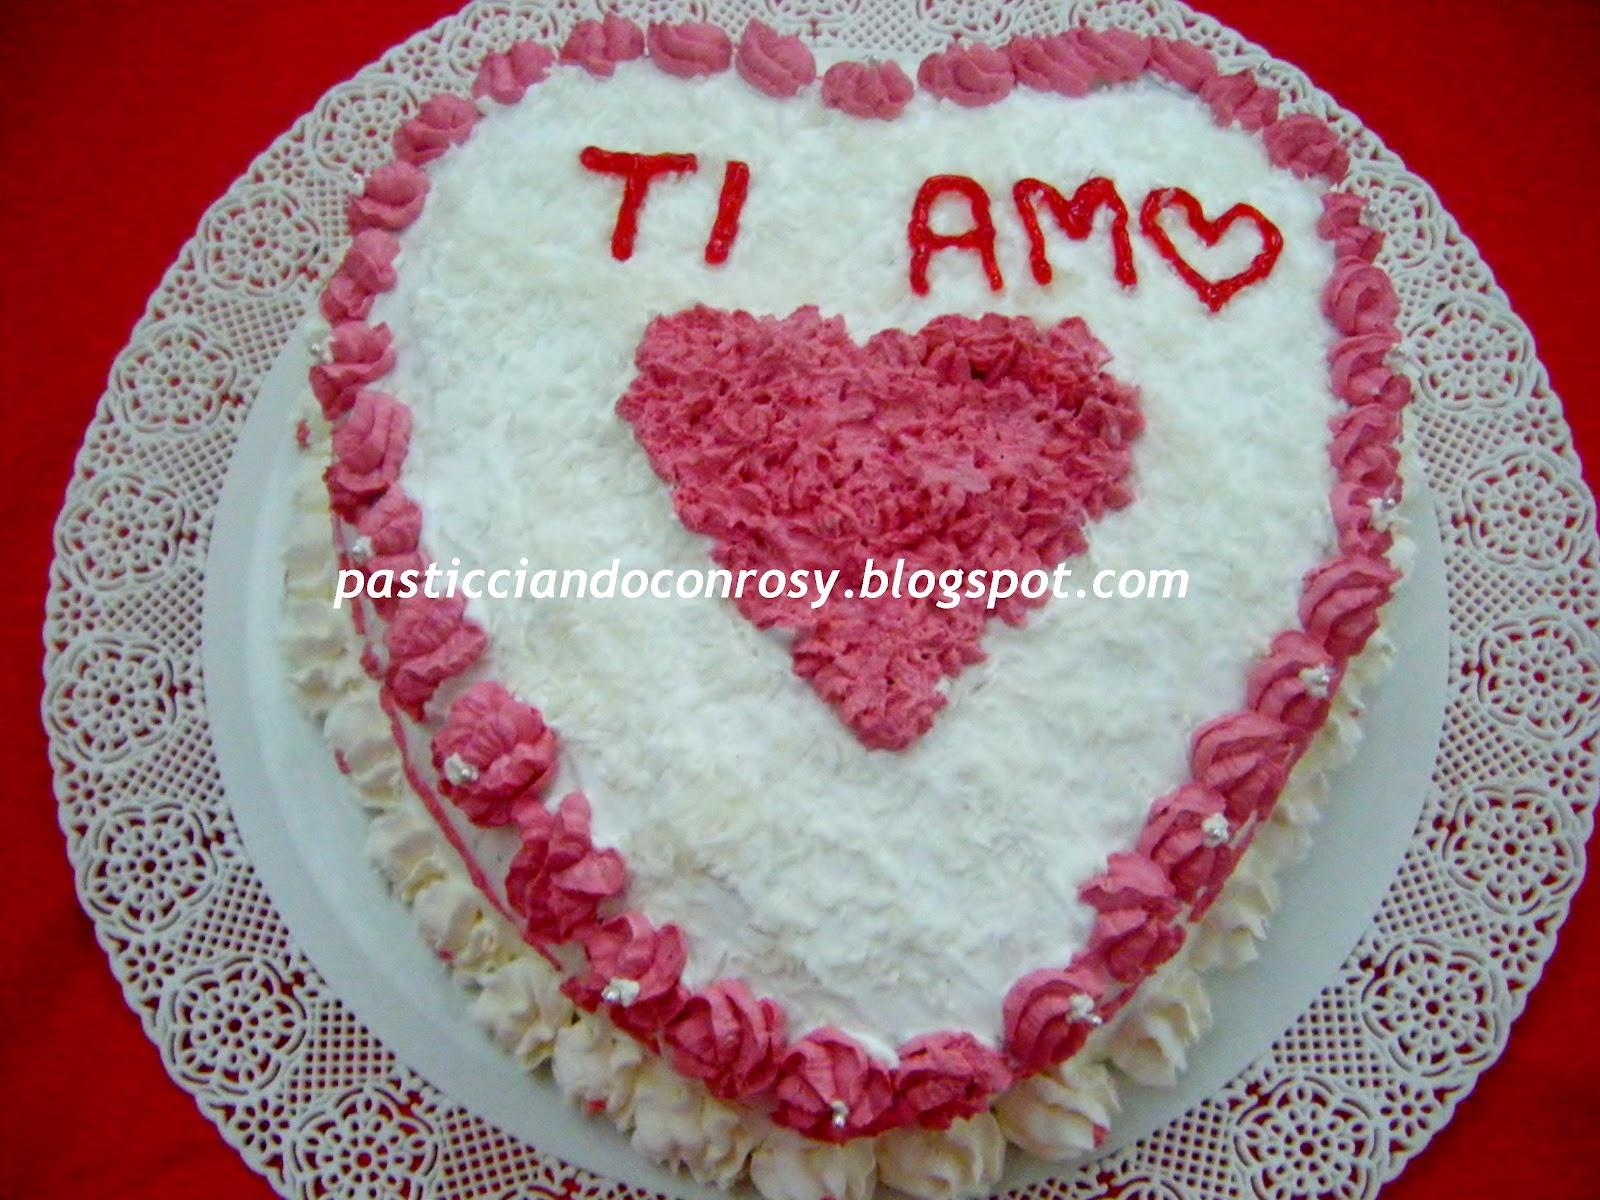 Torta San Valentino Cuore Pasticciando Con Rosy